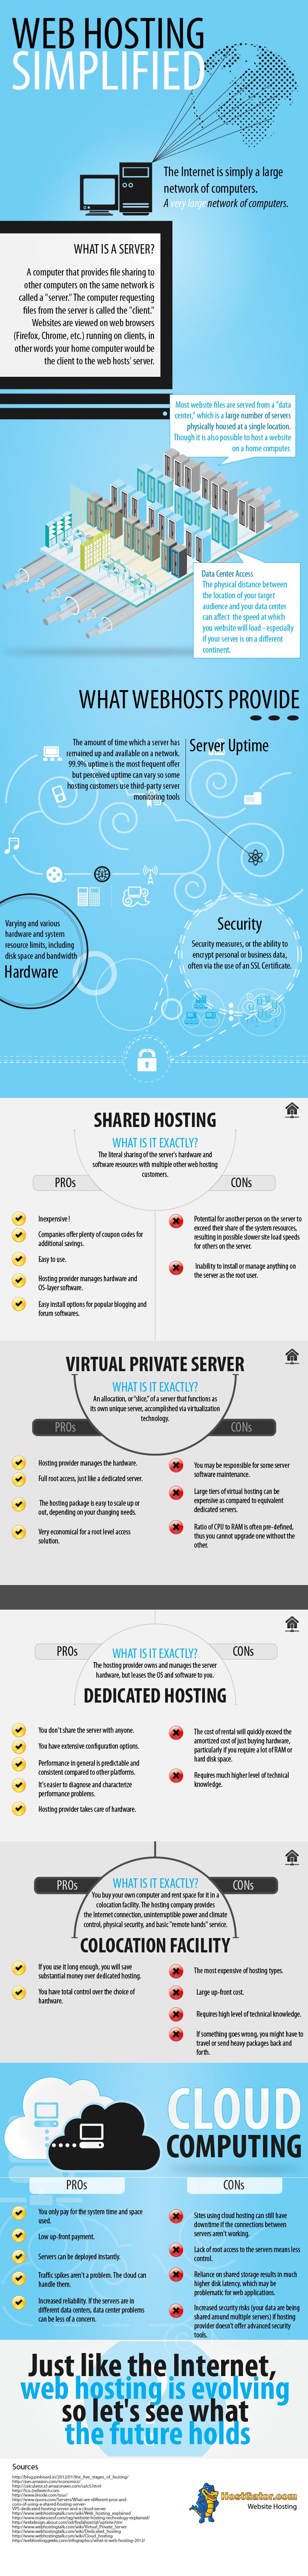 Web Hosting Simplified